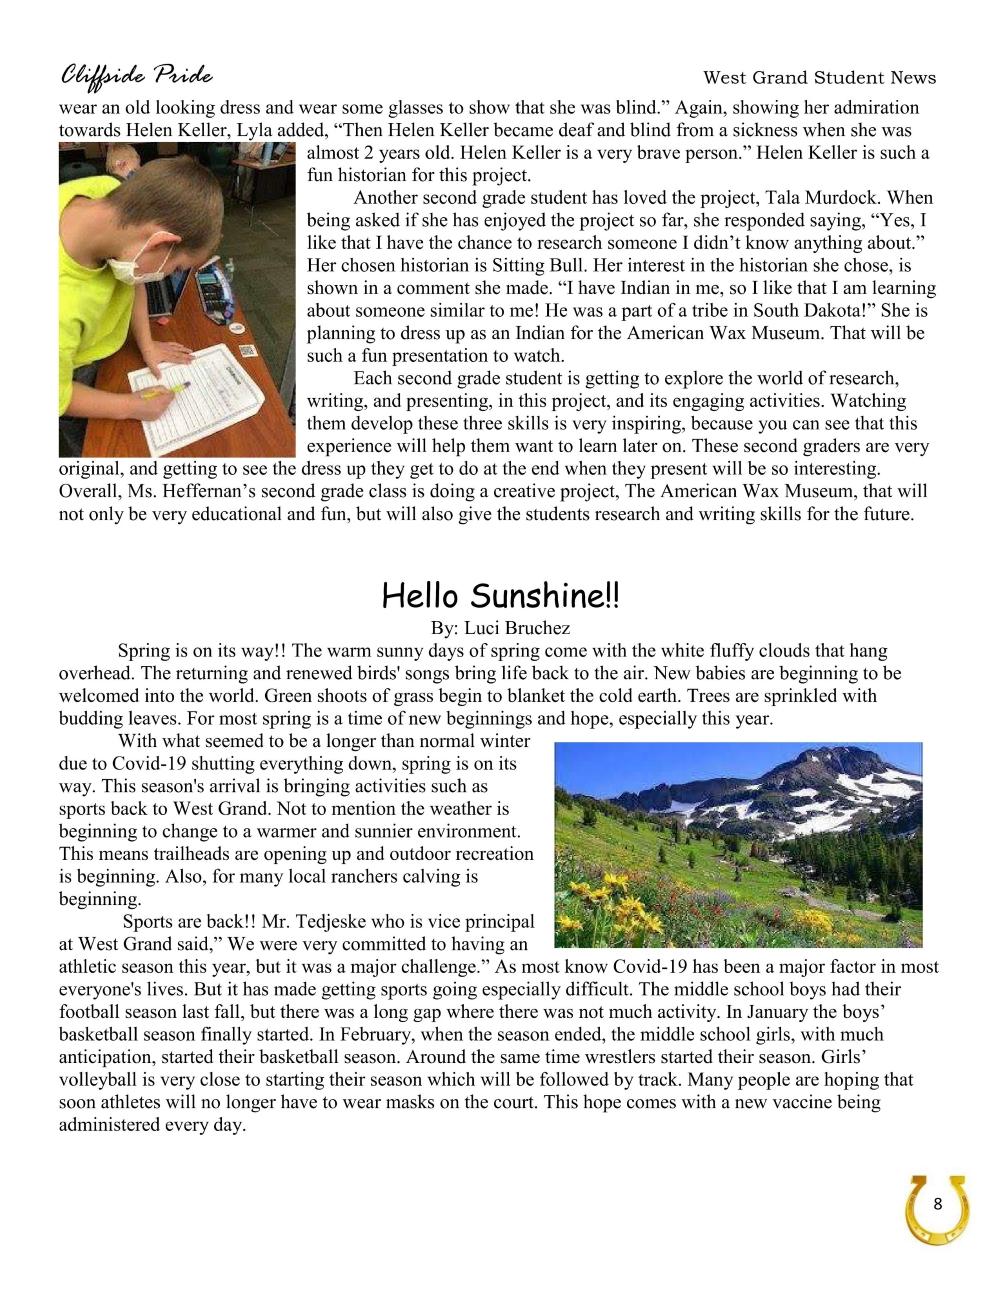 Cliffside Pride pg 8